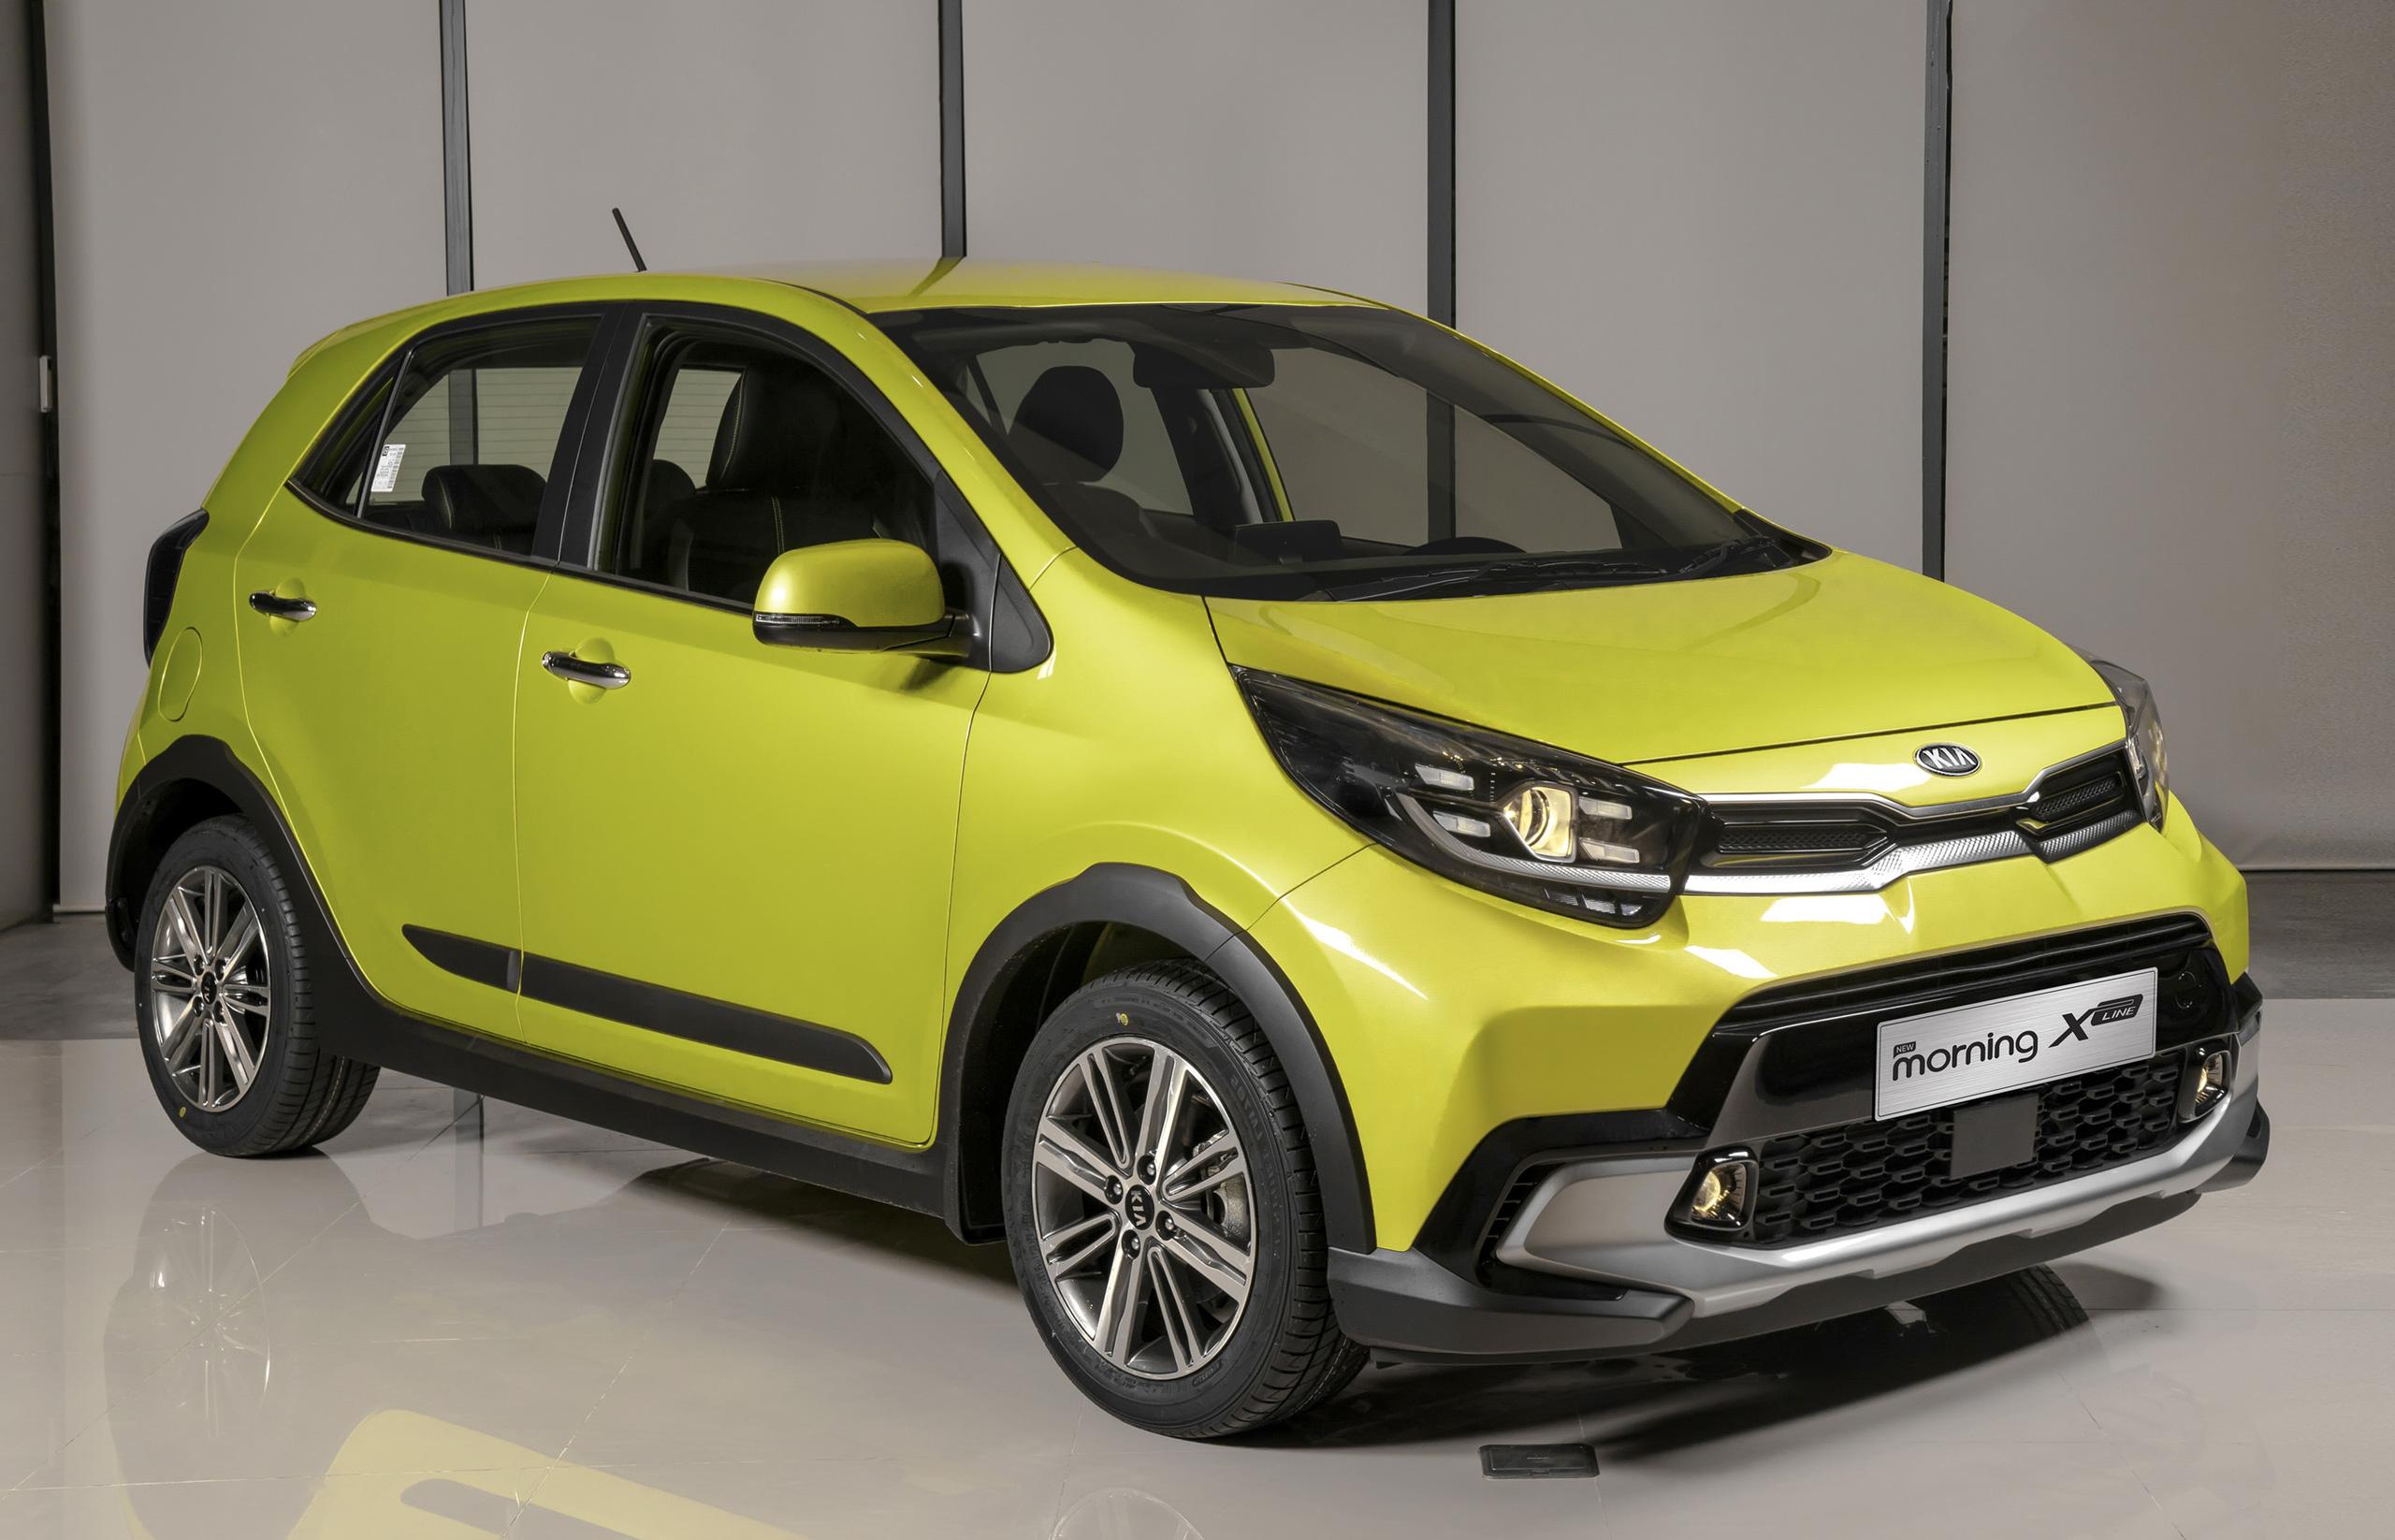 THACO ra mắt mẫu xe KIA Morning mới với giá từ 439 triệu đồng - Ảnh 2.